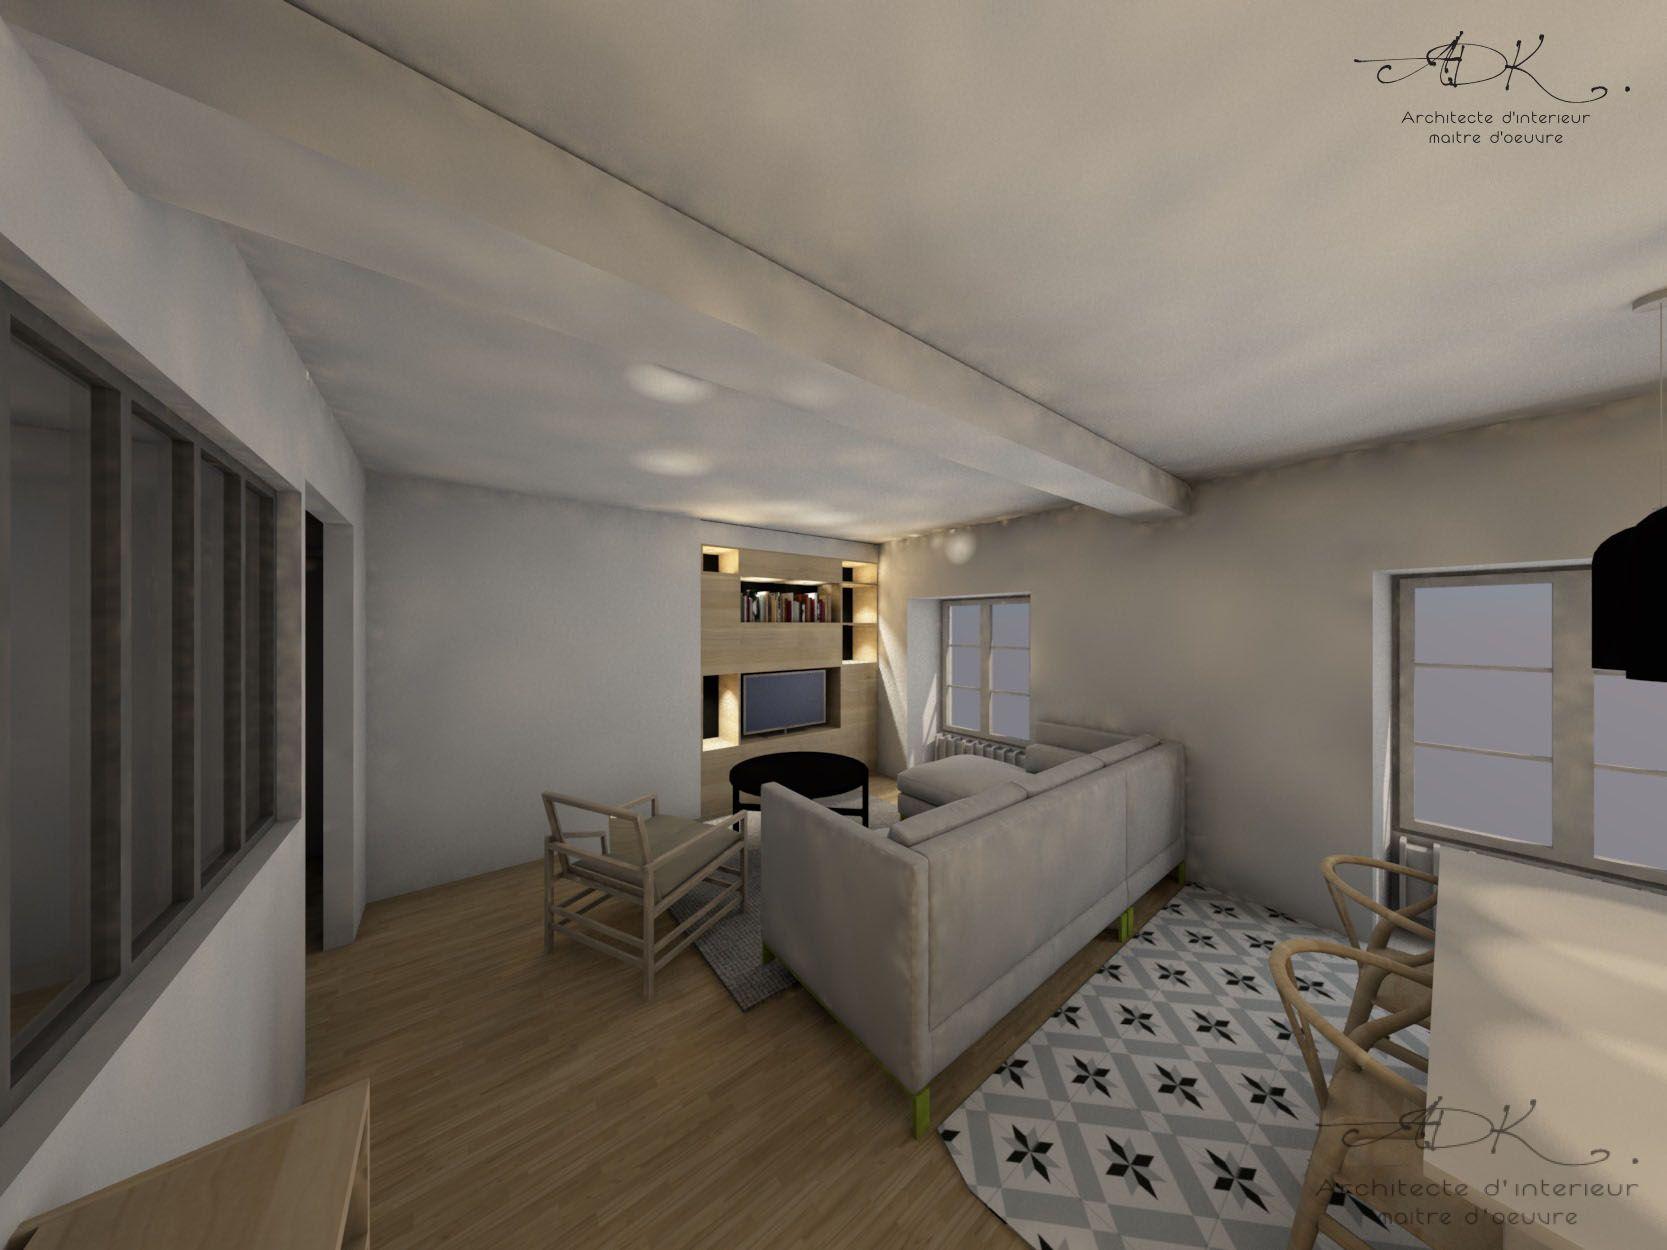 Architecte Interieur Pau Click To Open Image Architecte Interieur